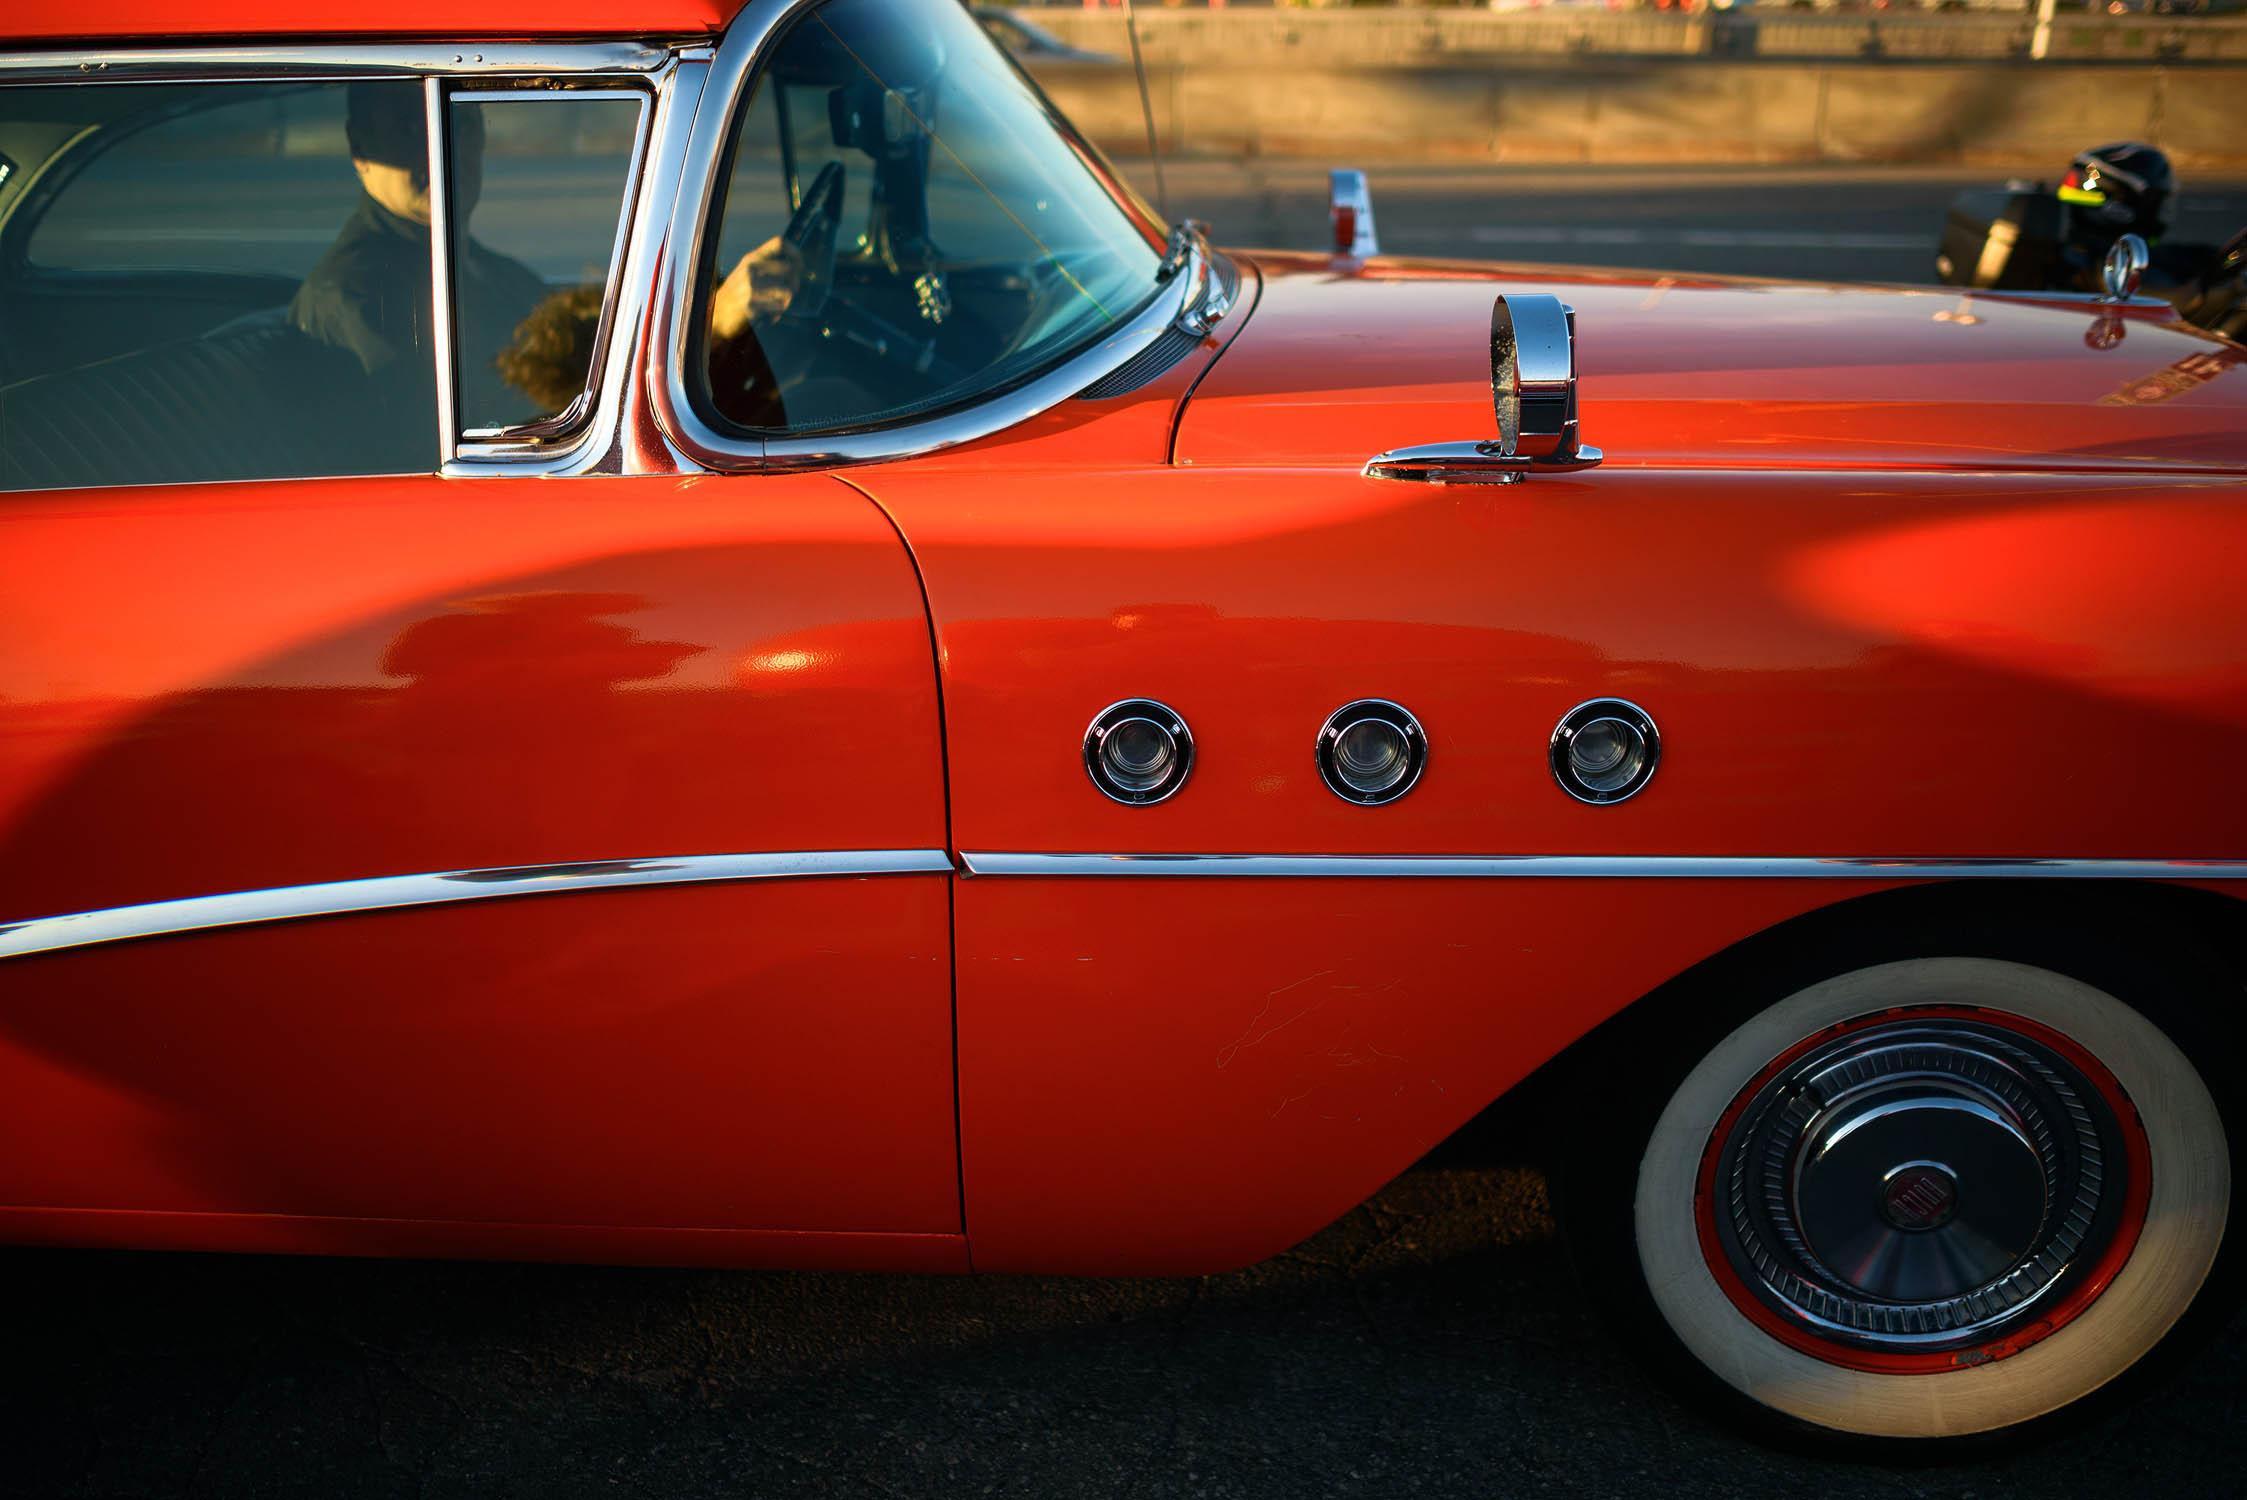 julep-cars-monika-story-26.jpg